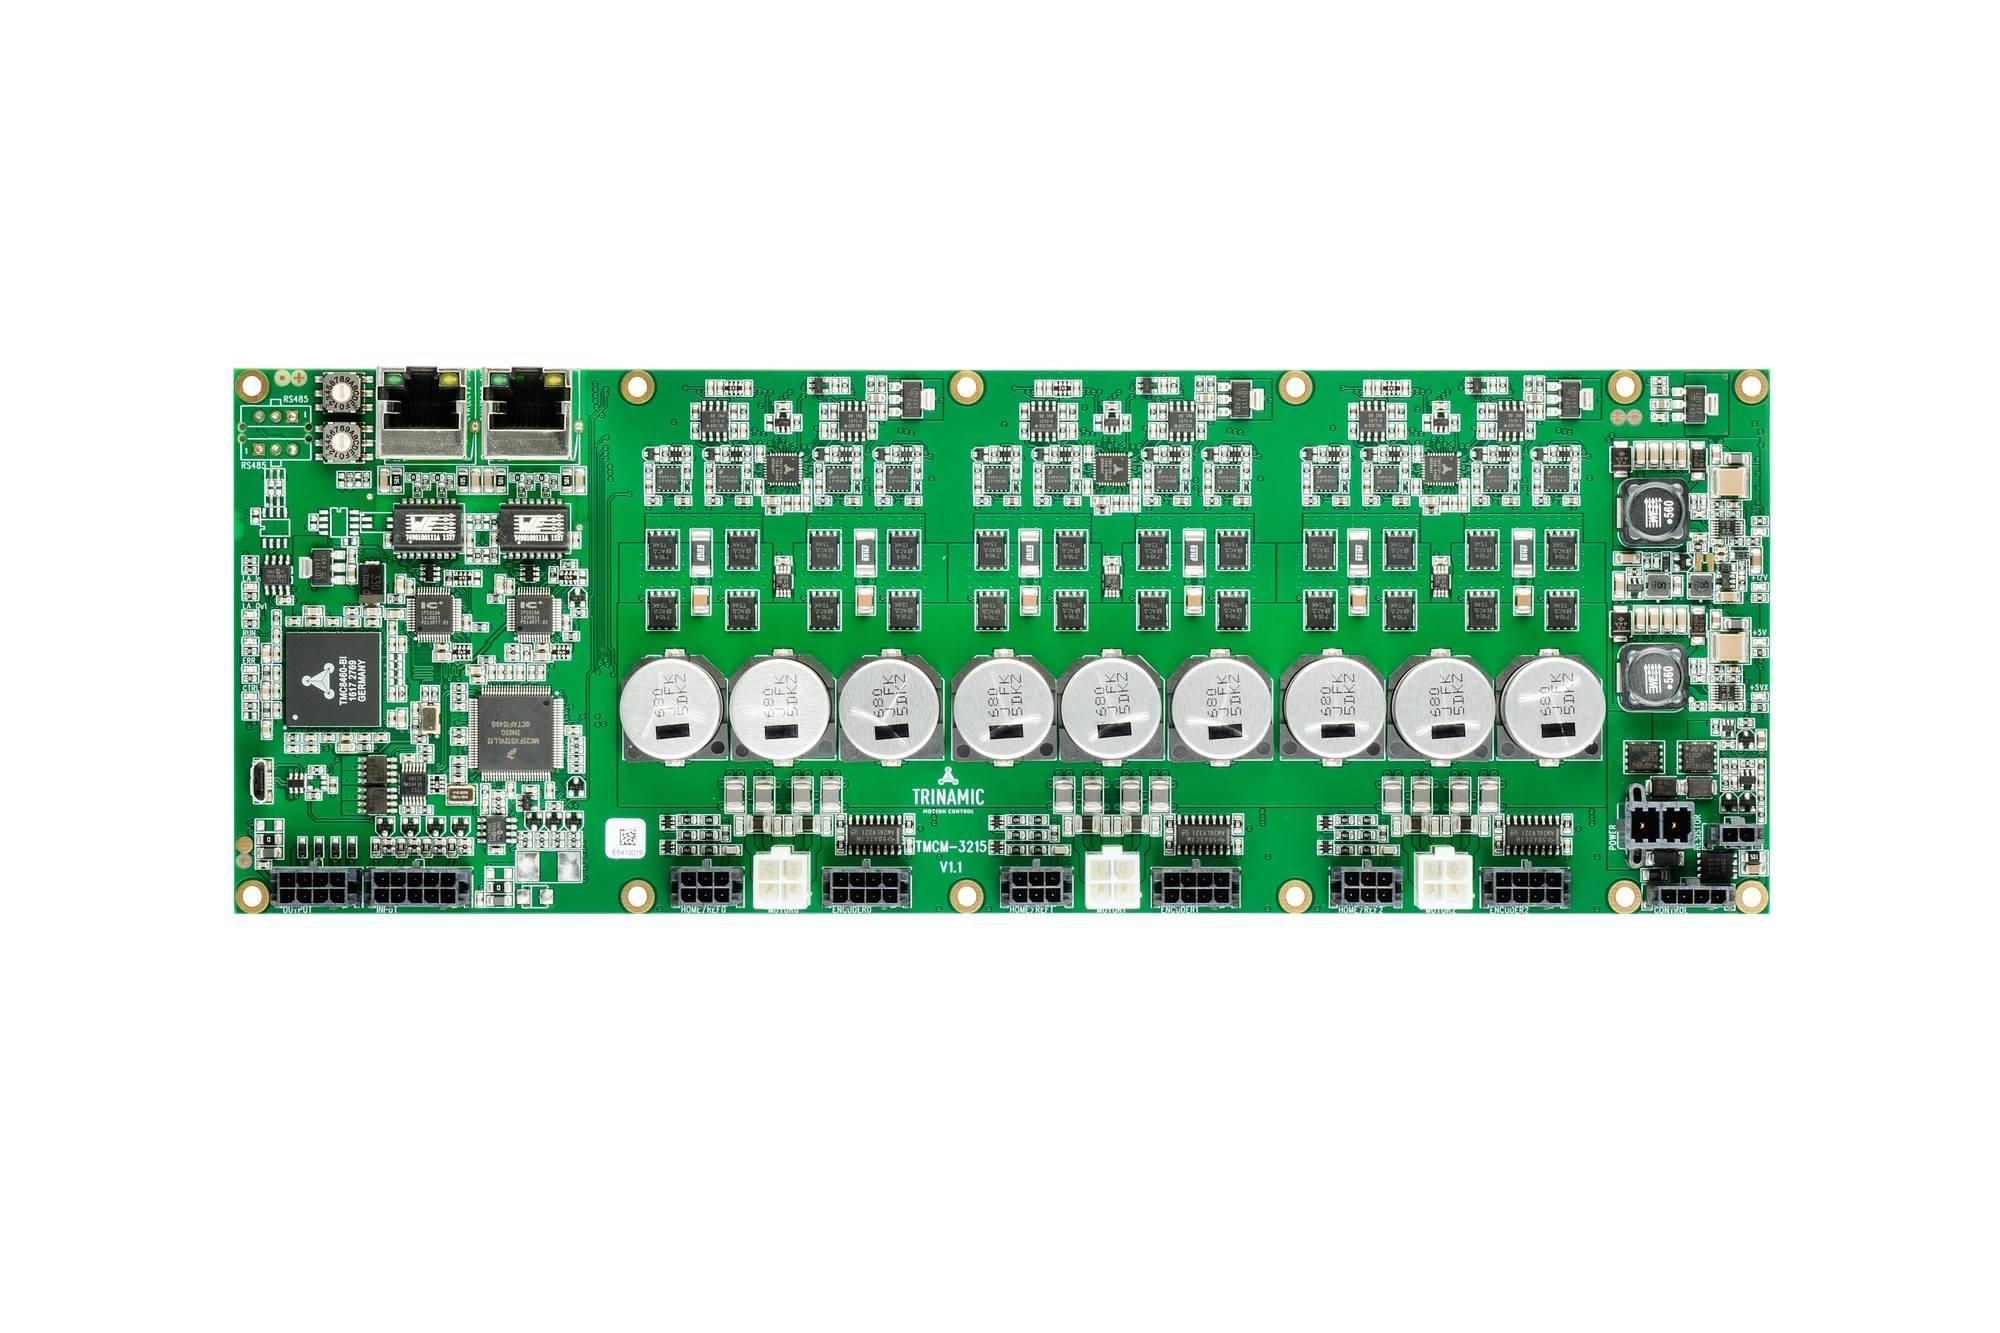 TMCM-3215